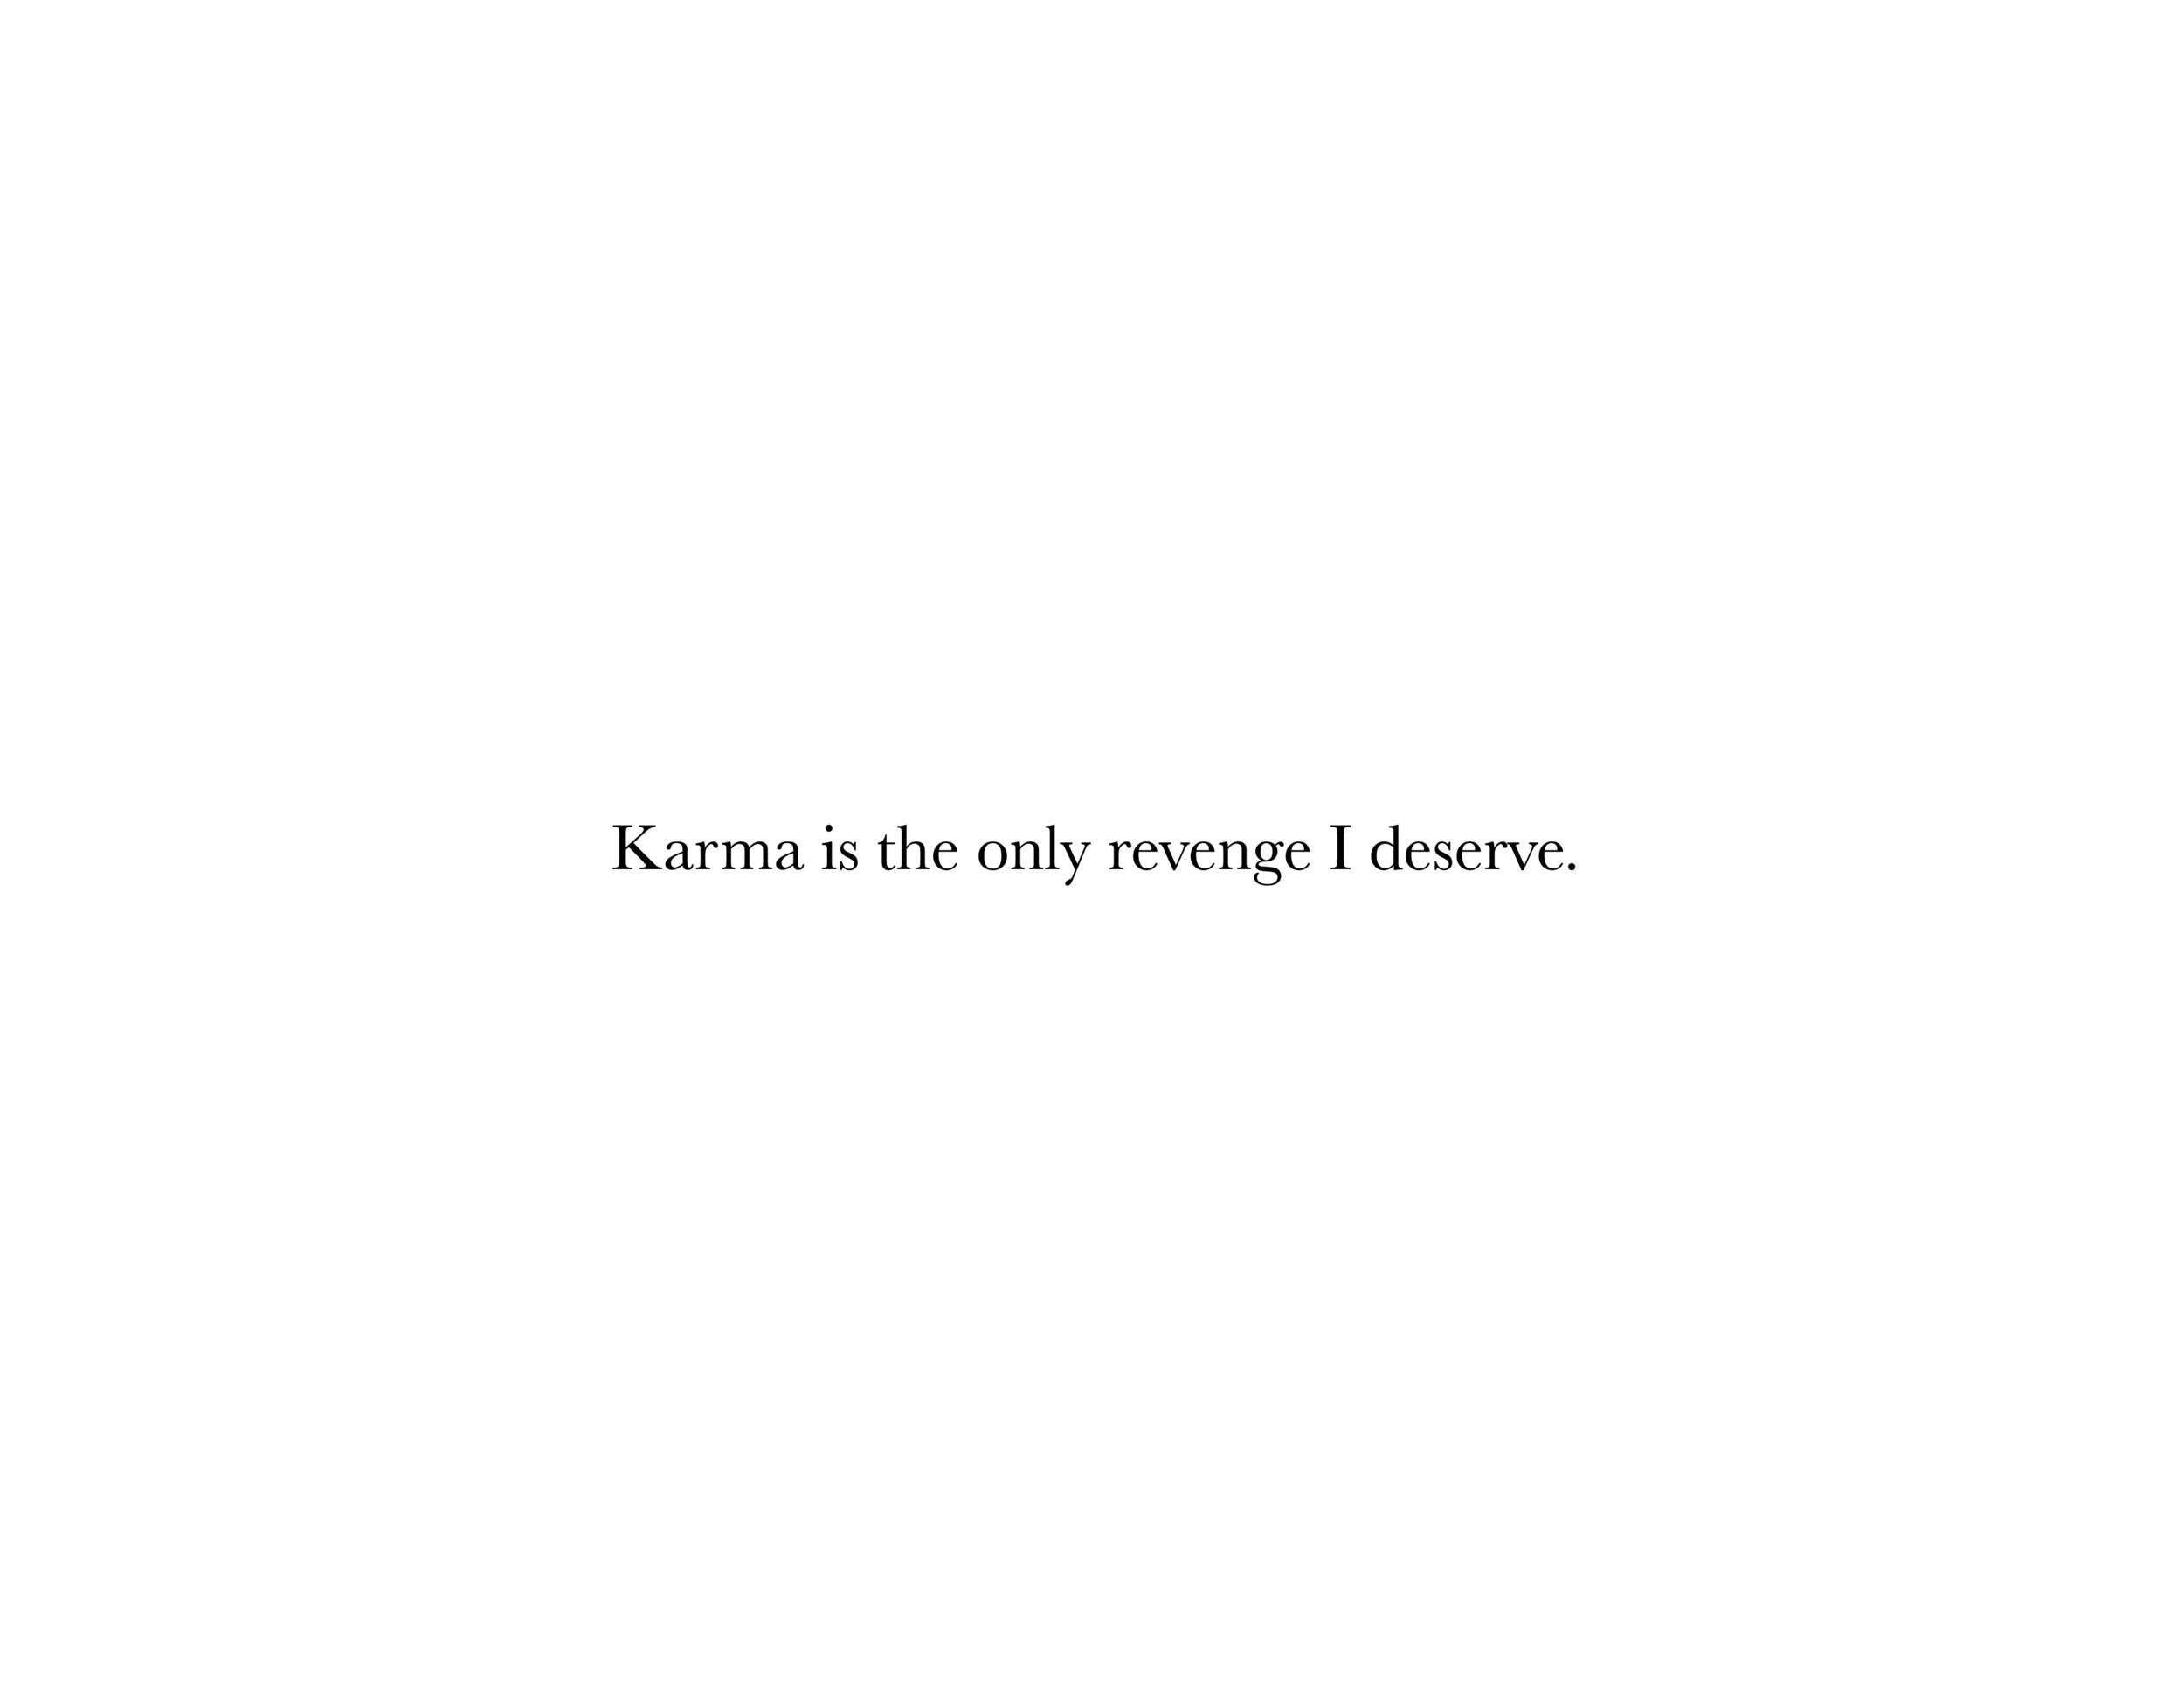 Karma copy.jpg